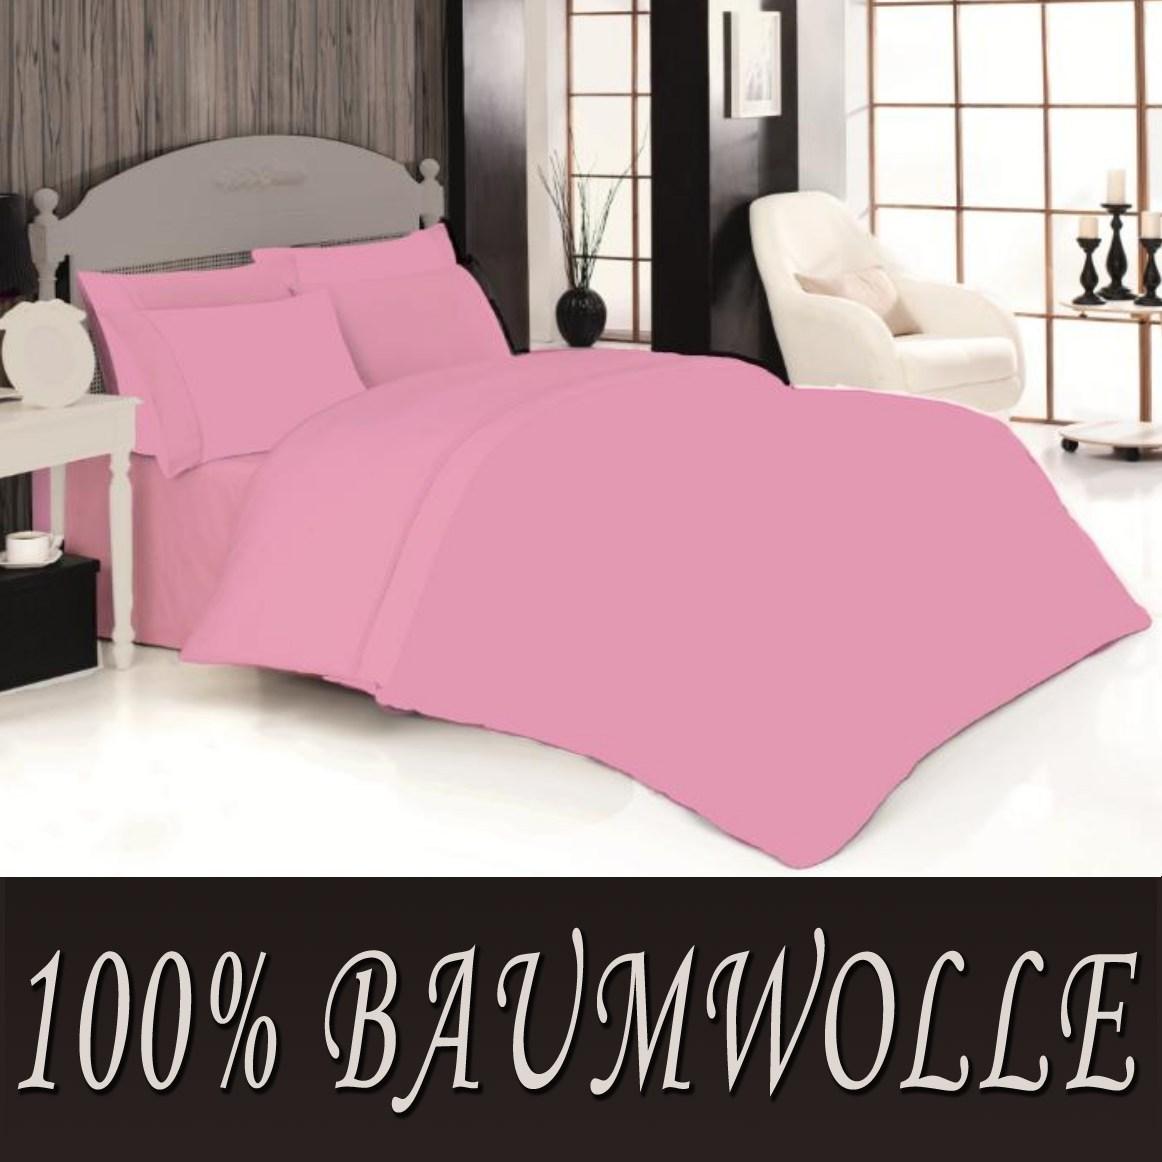 2 tlg bettw sche bettgarnitur baumwolle renforce 135 x 200 cm einfarbig uni neu ebay. Black Bedroom Furniture Sets. Home Design Ideas